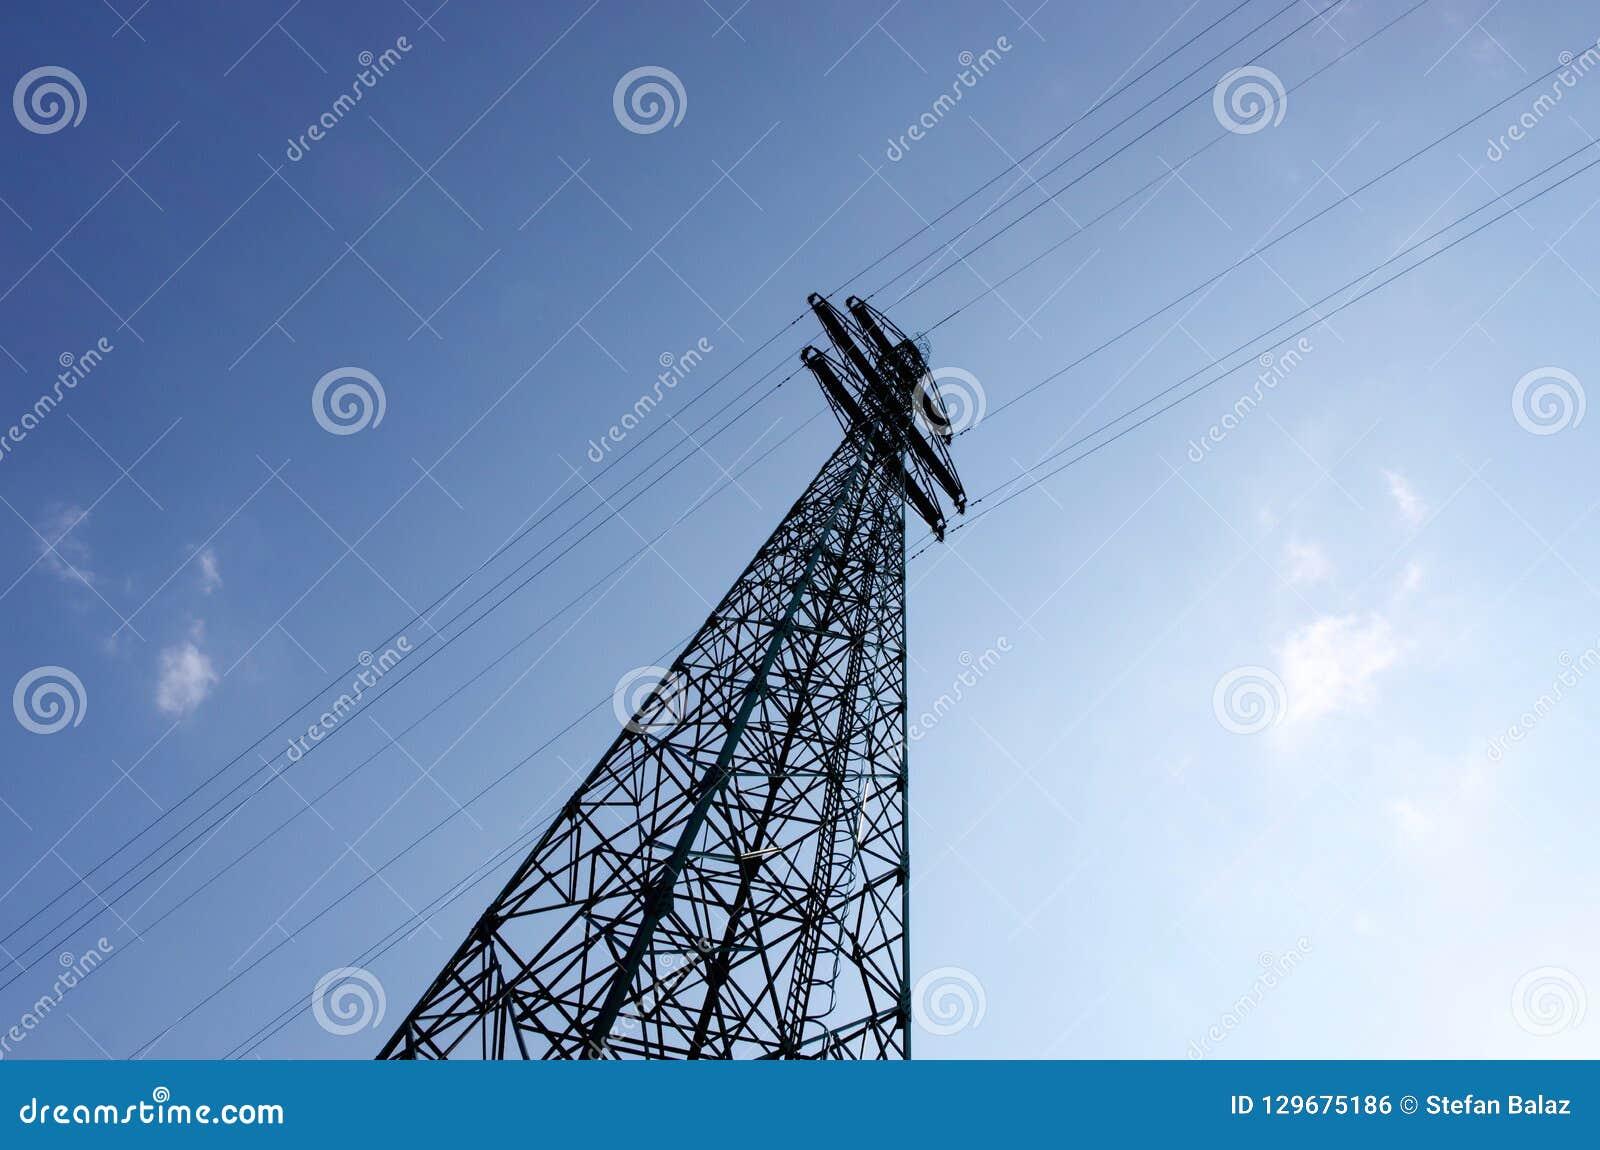 增量电价格 电定向塔,电概念背景